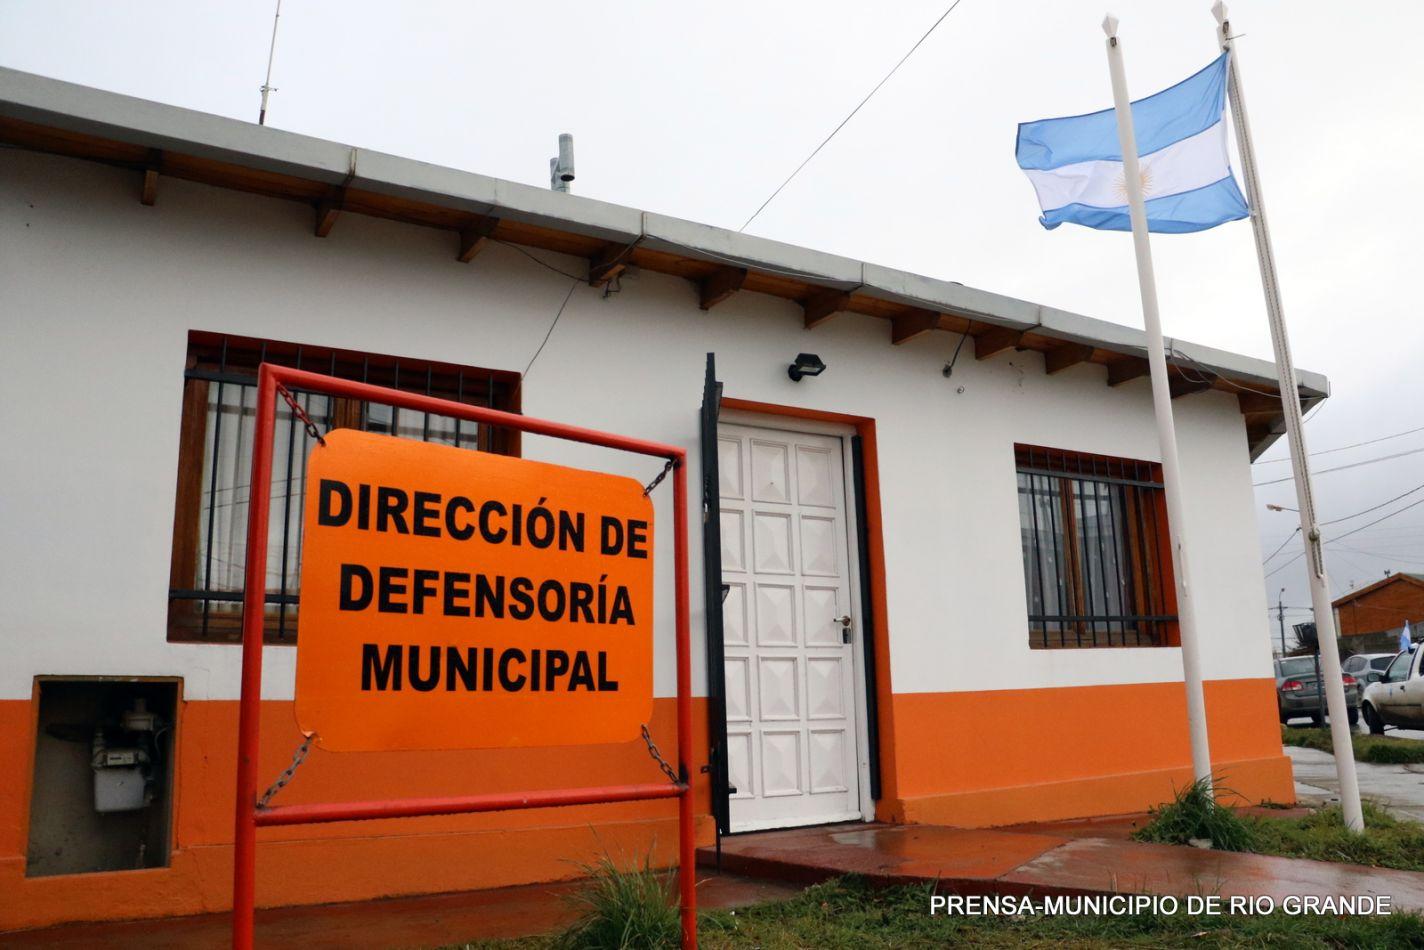 Defensoría Municipal